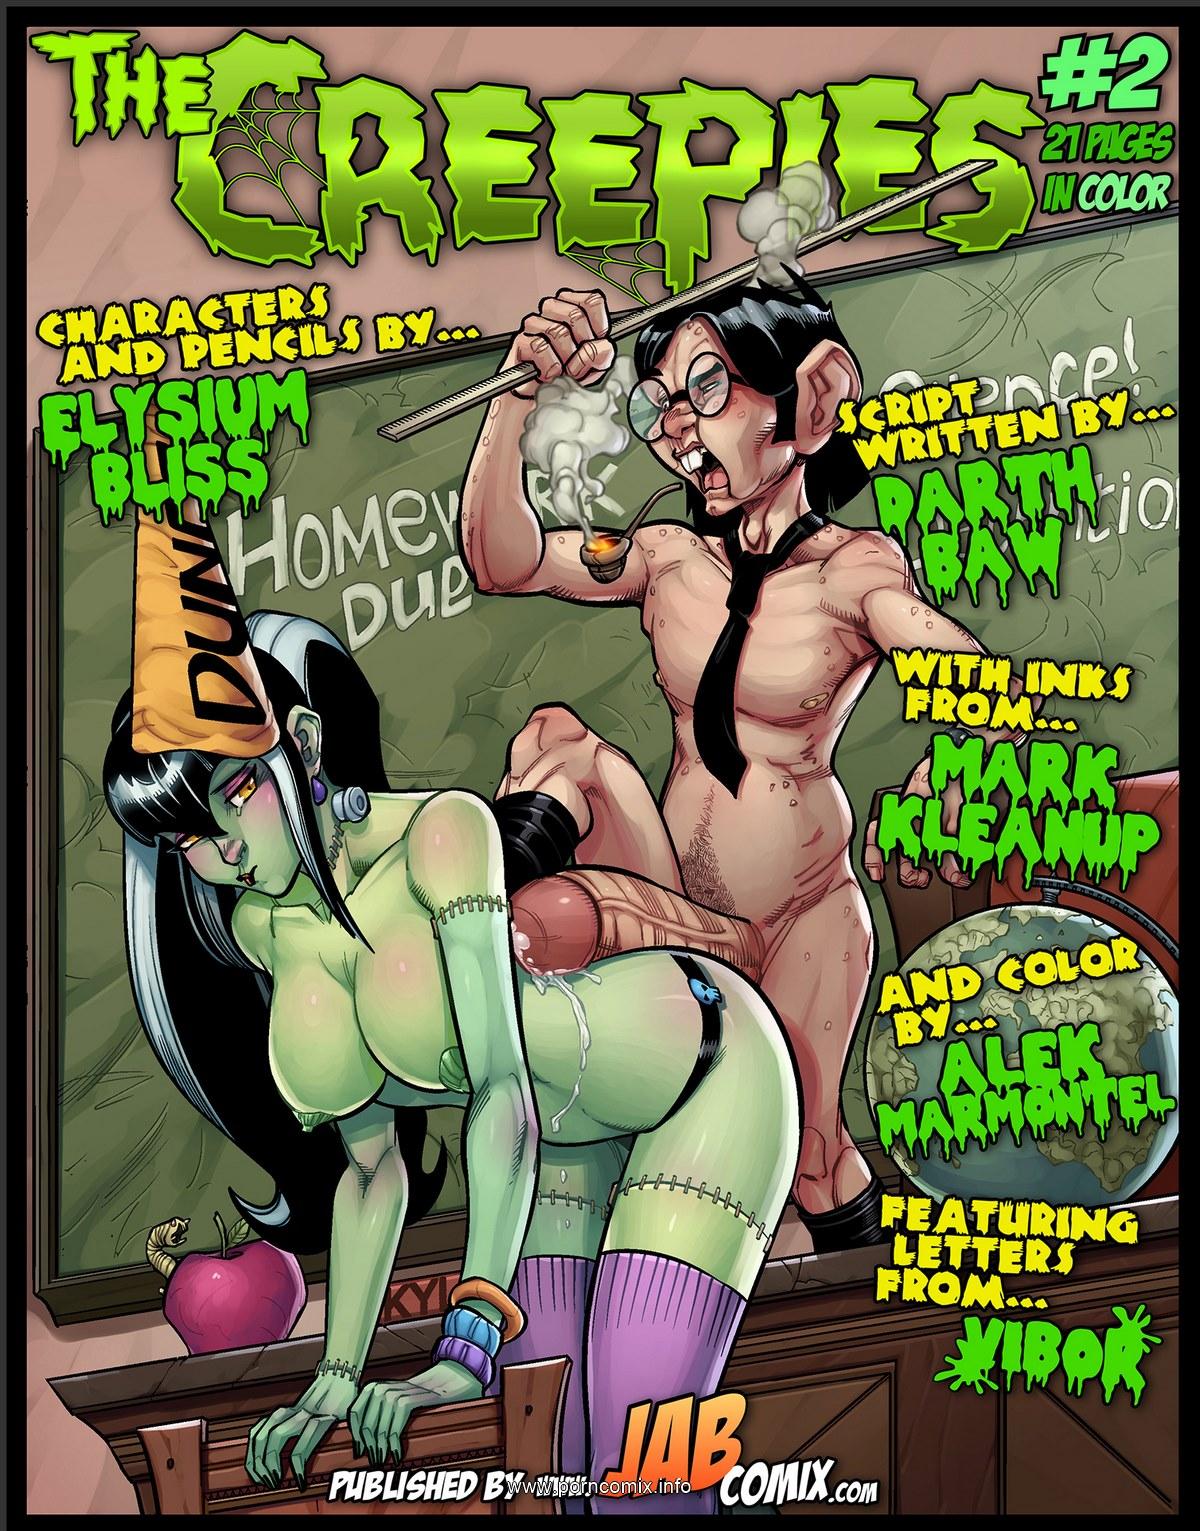 Porn Comics - The Creepies 2- Jab Comix porn comics 8 muses